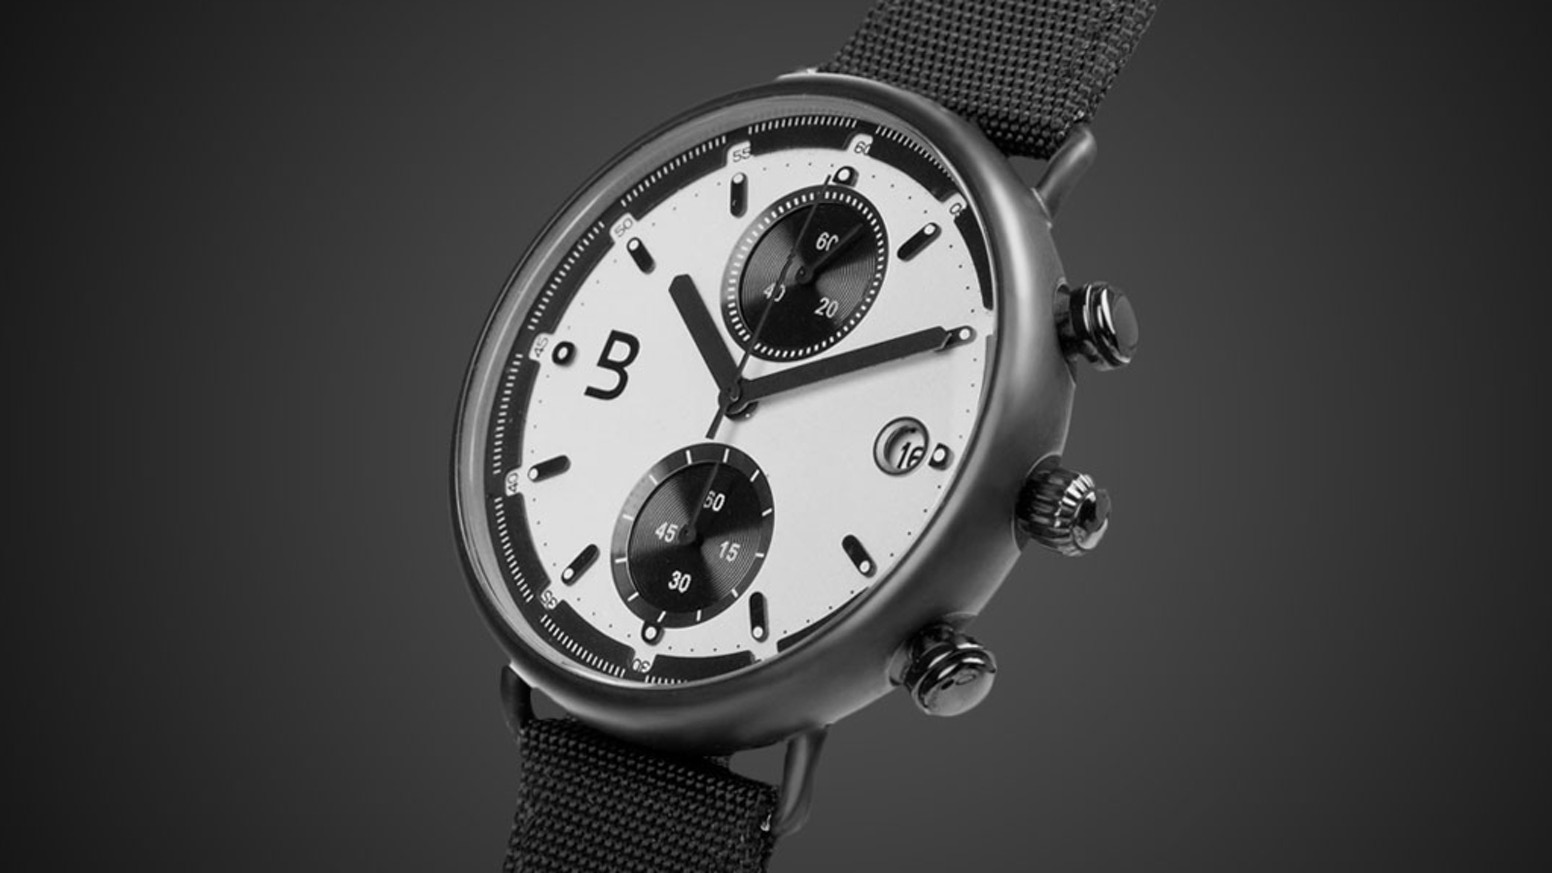 Plan B watch - stylish vintage timepiece by Wrist Works Company ...